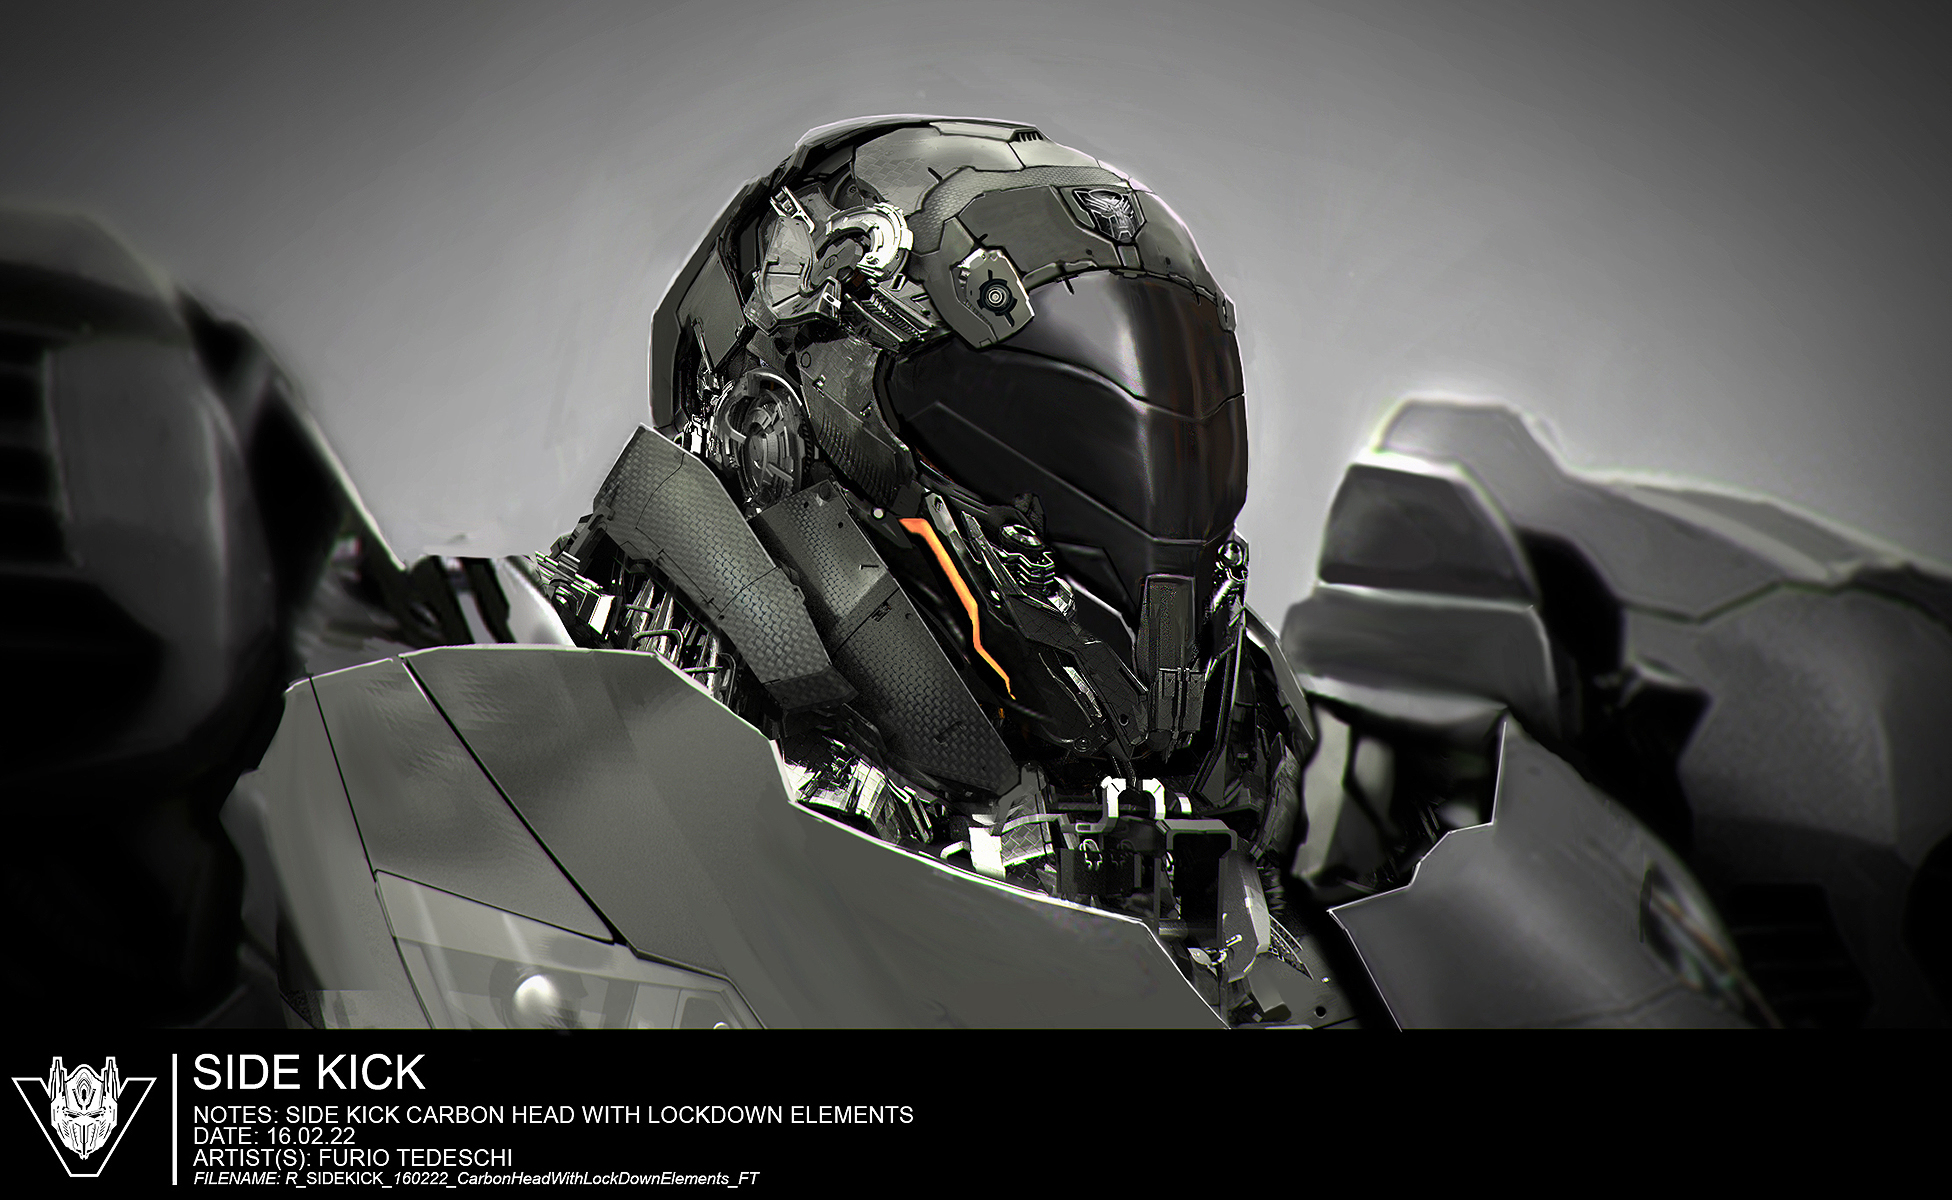 R_SIDEKICK_160222_CarbonHeadWithLockDownElements_FT.jpg